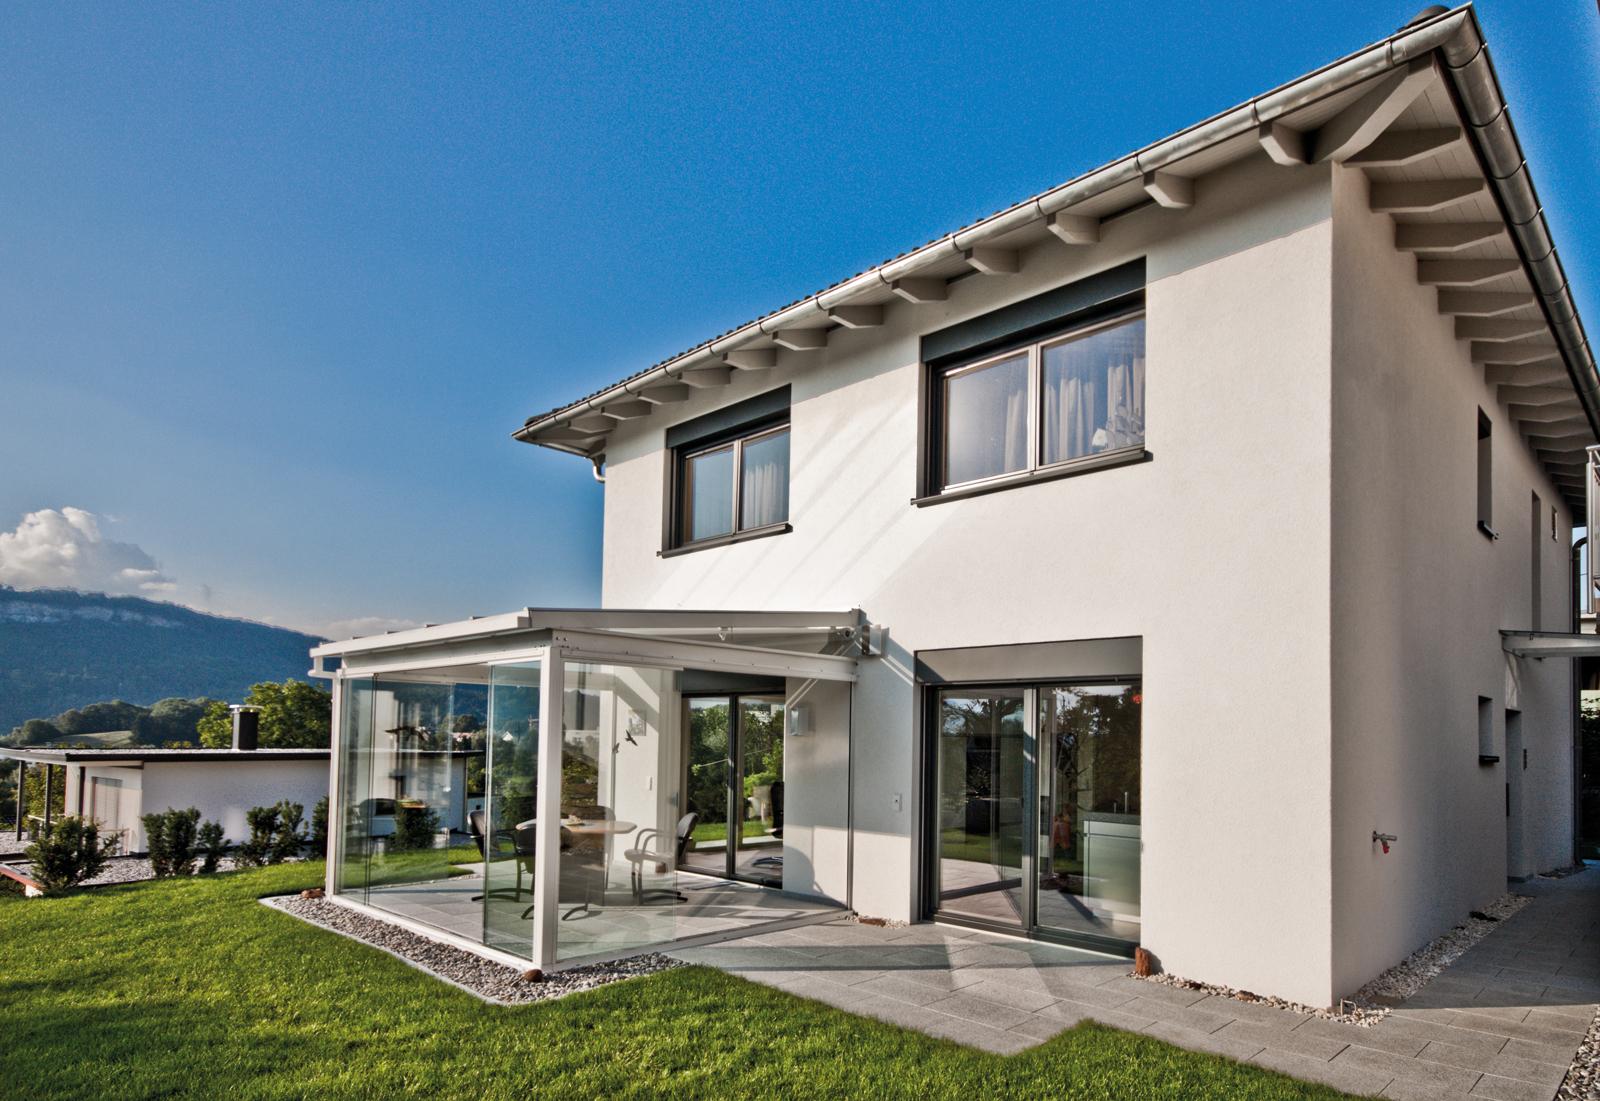 Einfamilienhaus, Liechtensteinerstrasse, Feldkirch